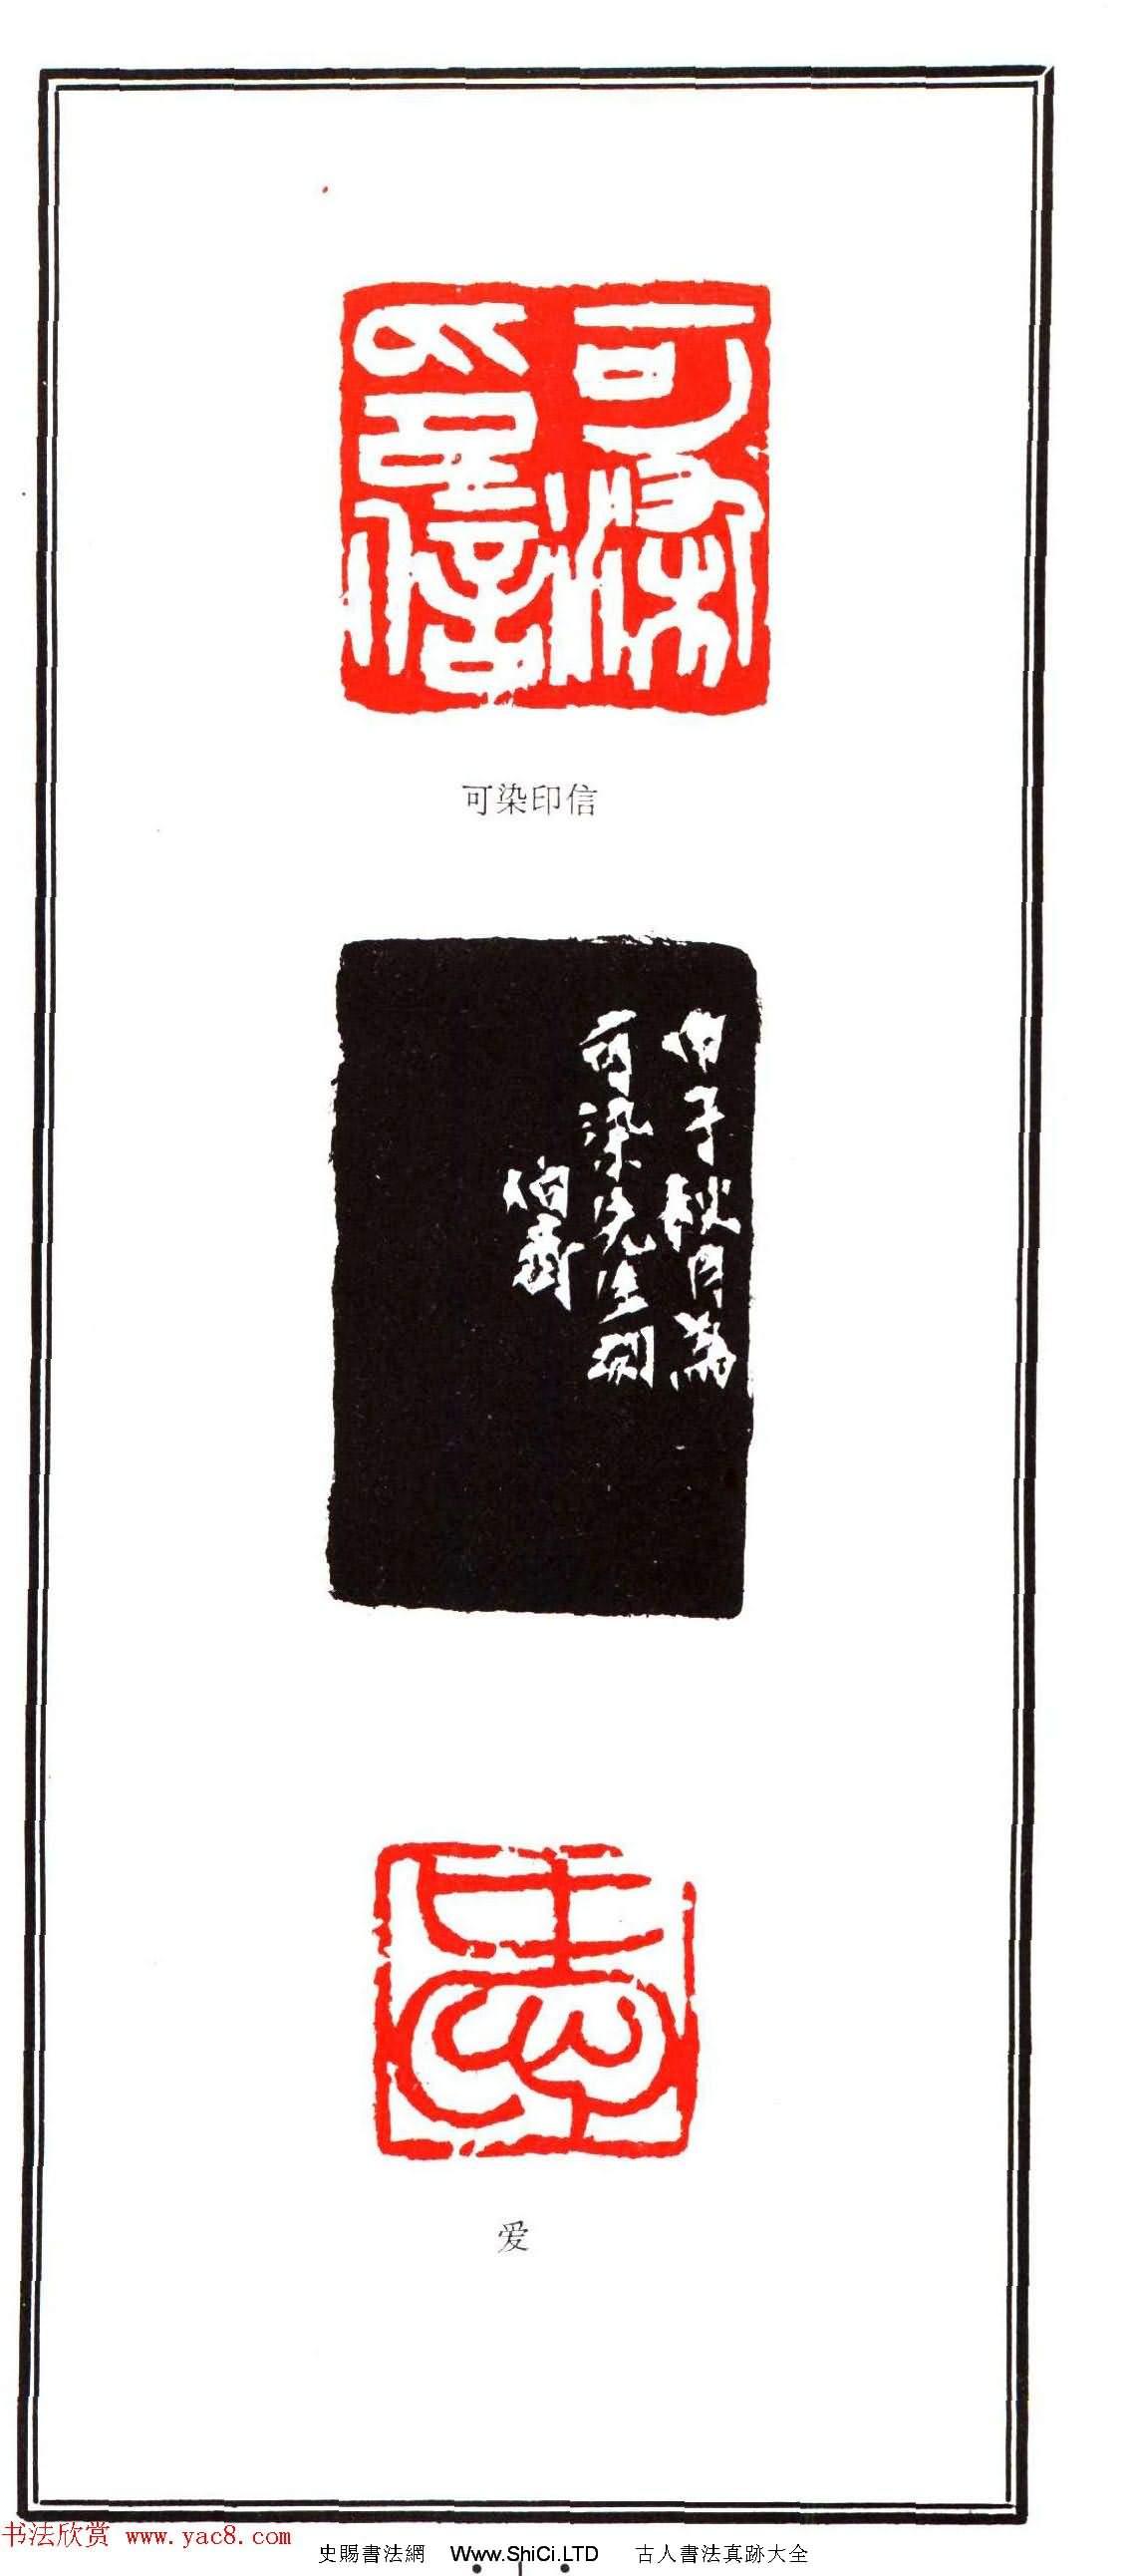 容生篆刻作品真跡集《熊伯齊印選》(共58張圖片)